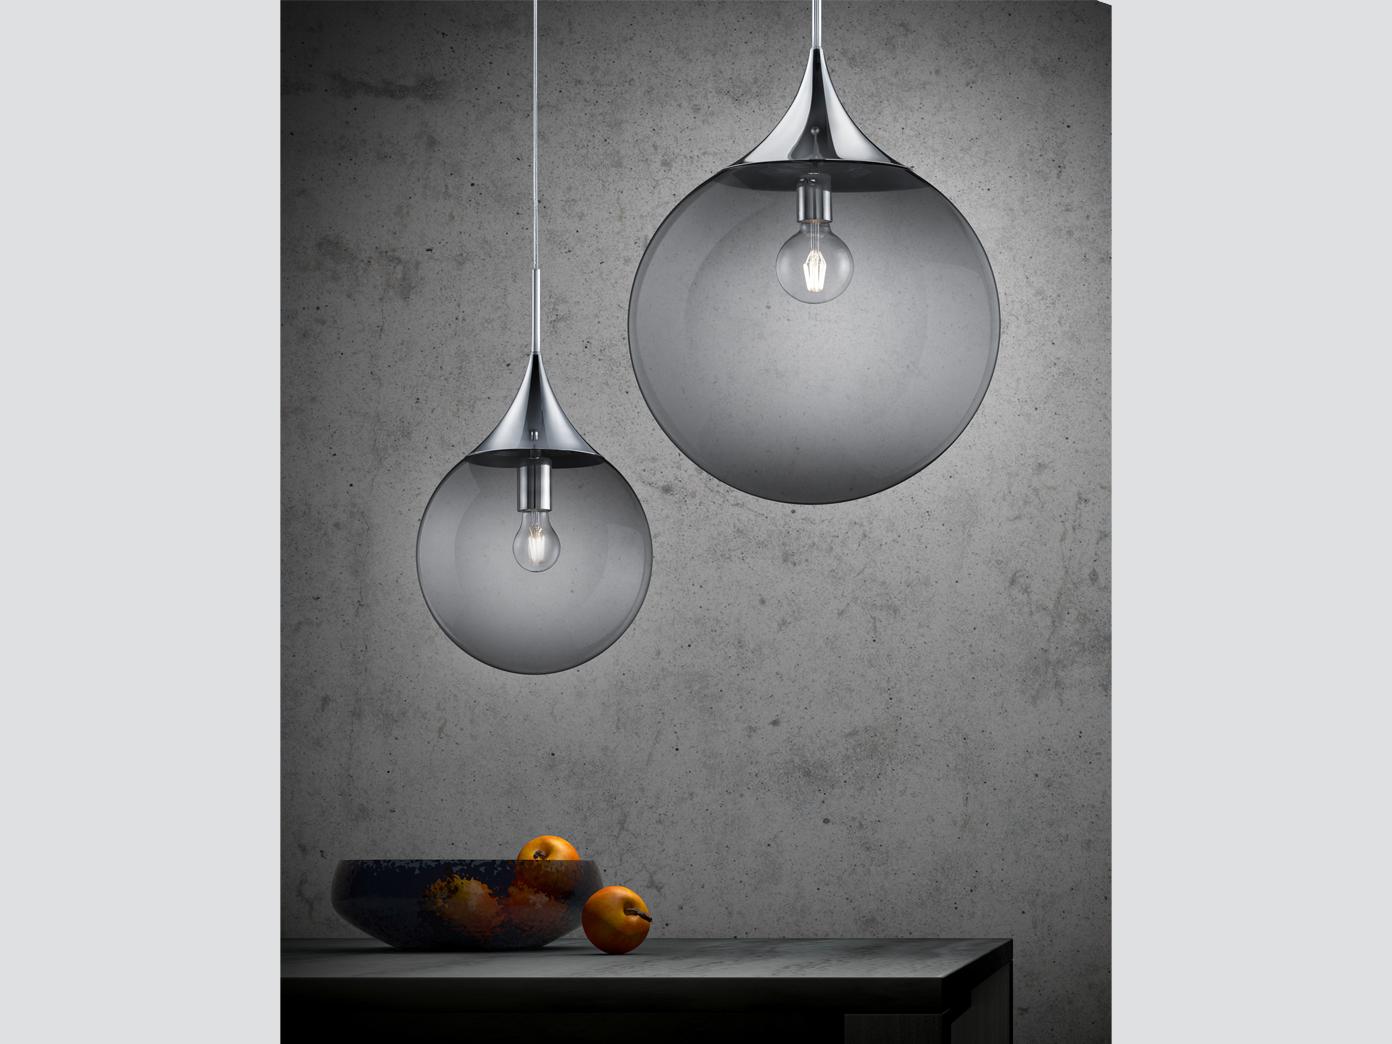 Tropfenförmige Glaskugel Pendelleuchte aus glänzendem Metall Durchmesser 30 cm